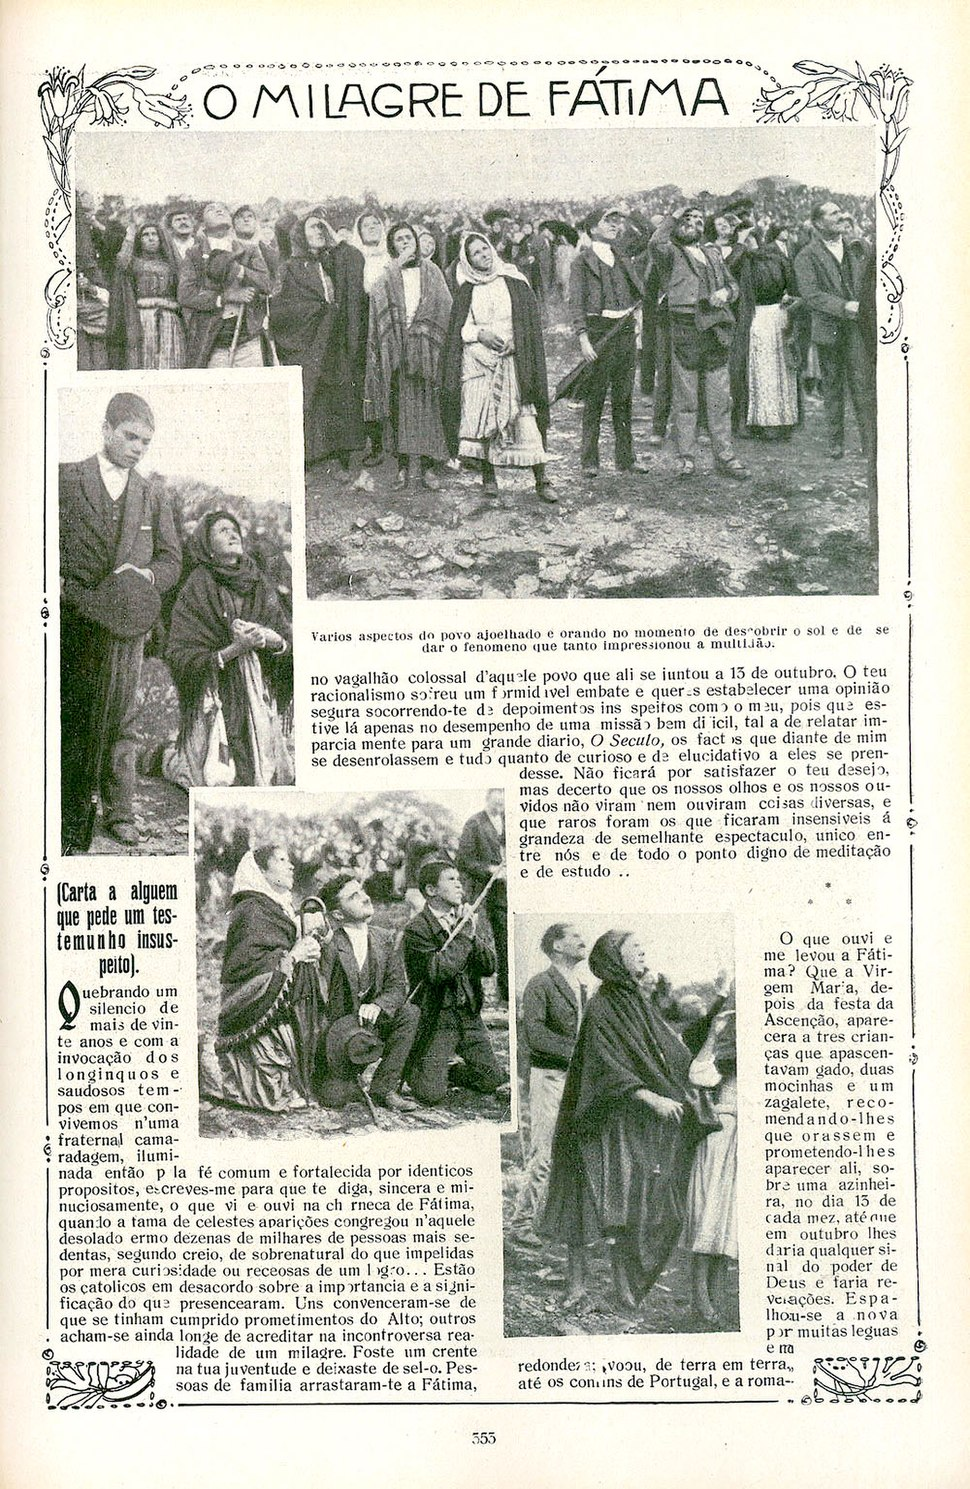 Newspaper fatima 353